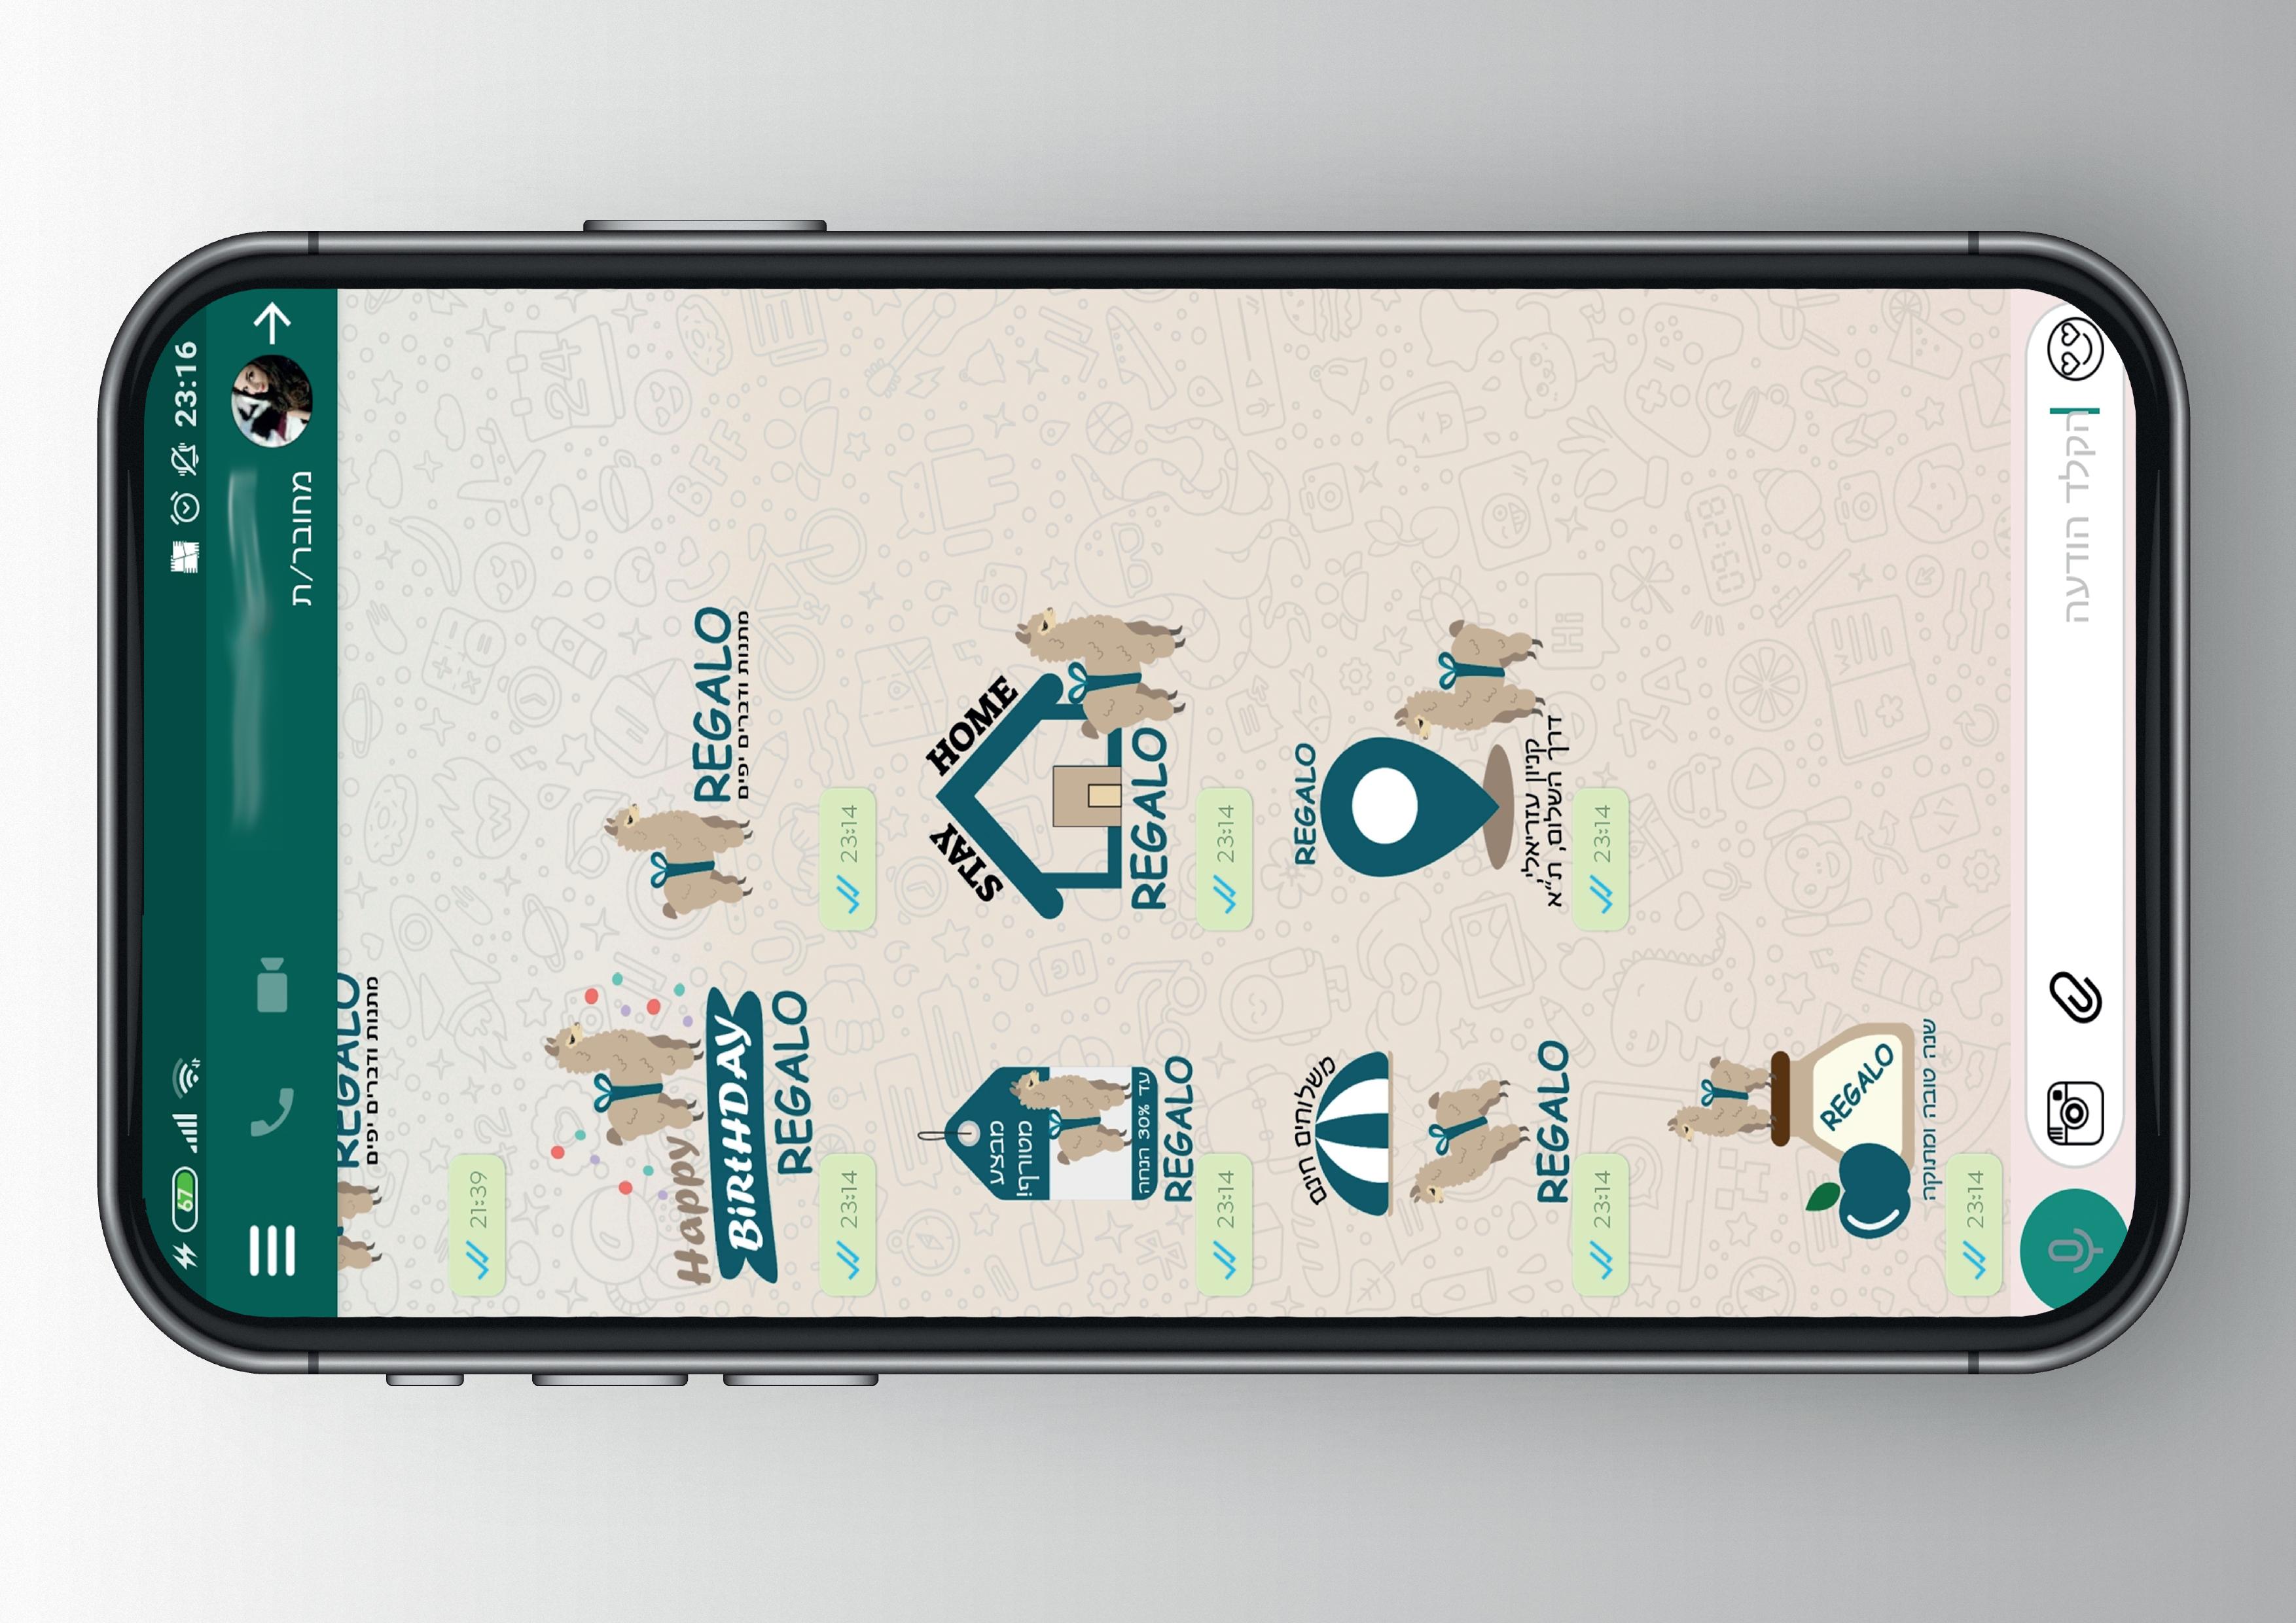 עיצוב אייקונים - לירן ברק